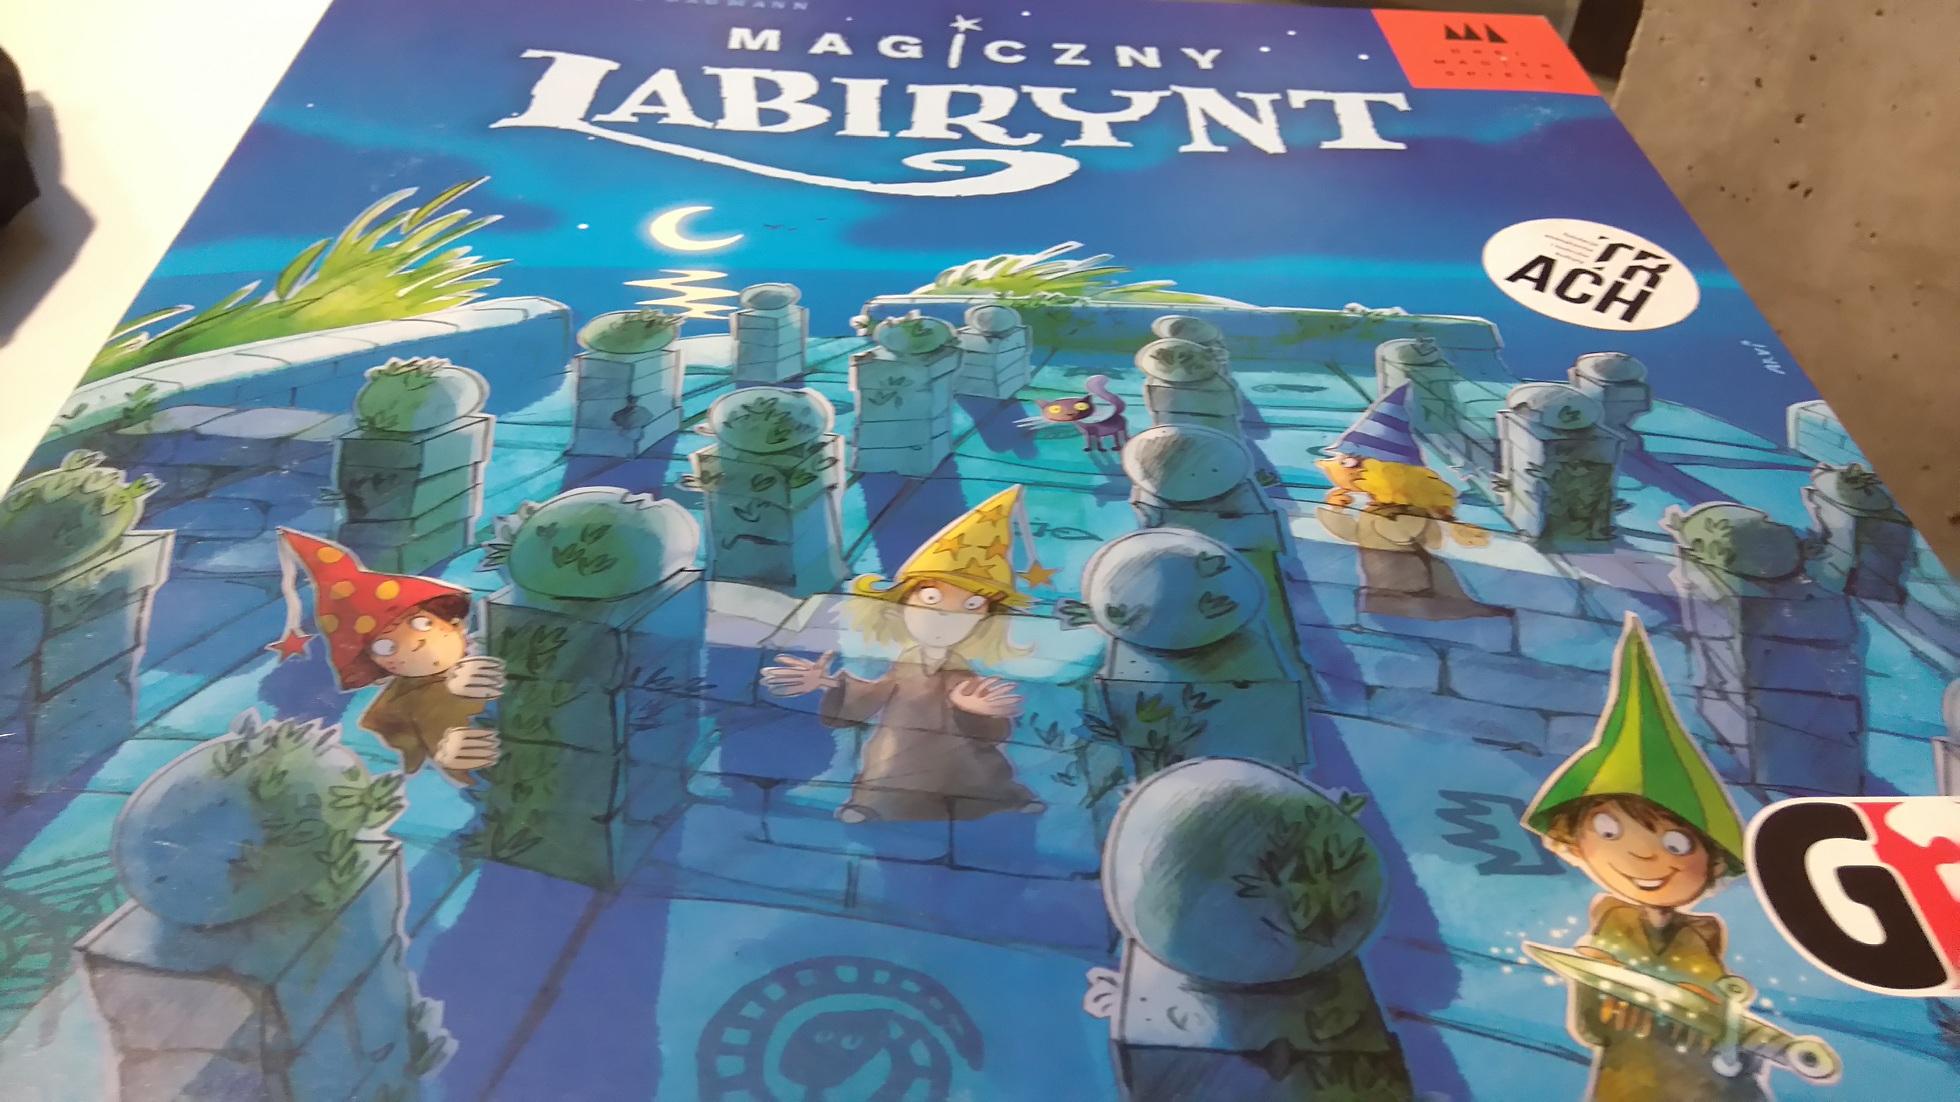 opakowanie gry Magiczny Labirynt